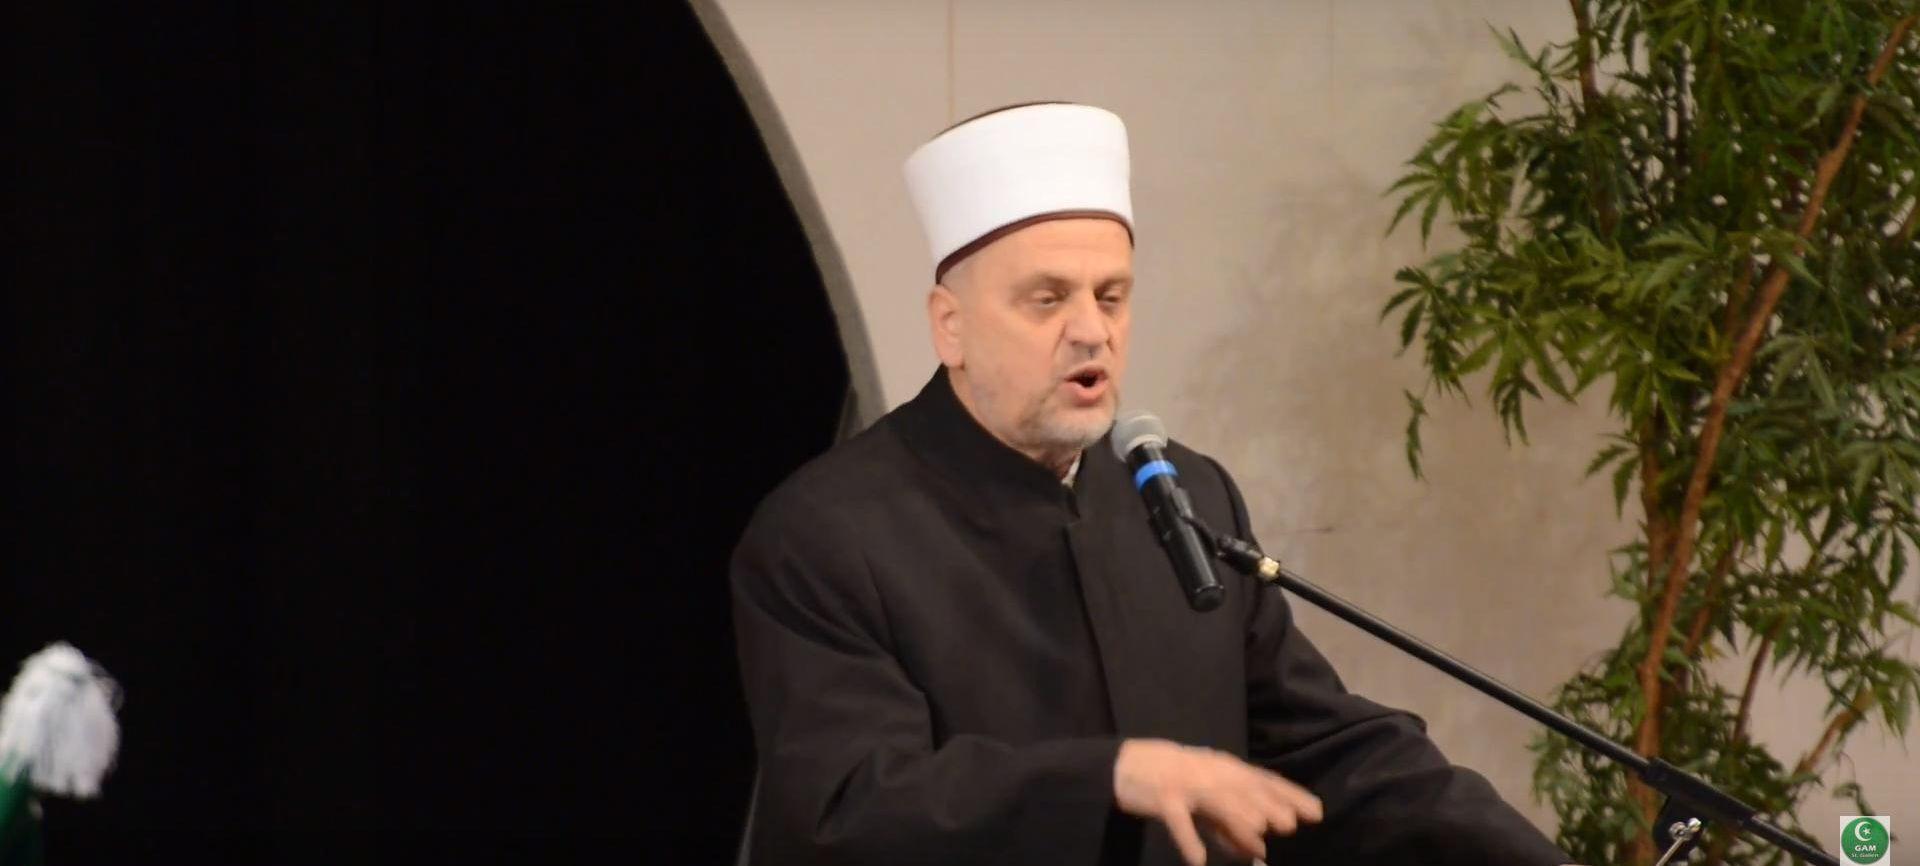 BiH: Otpori prema Islamskoj zajednici zbog ukidanja nelegalnih bogomolja